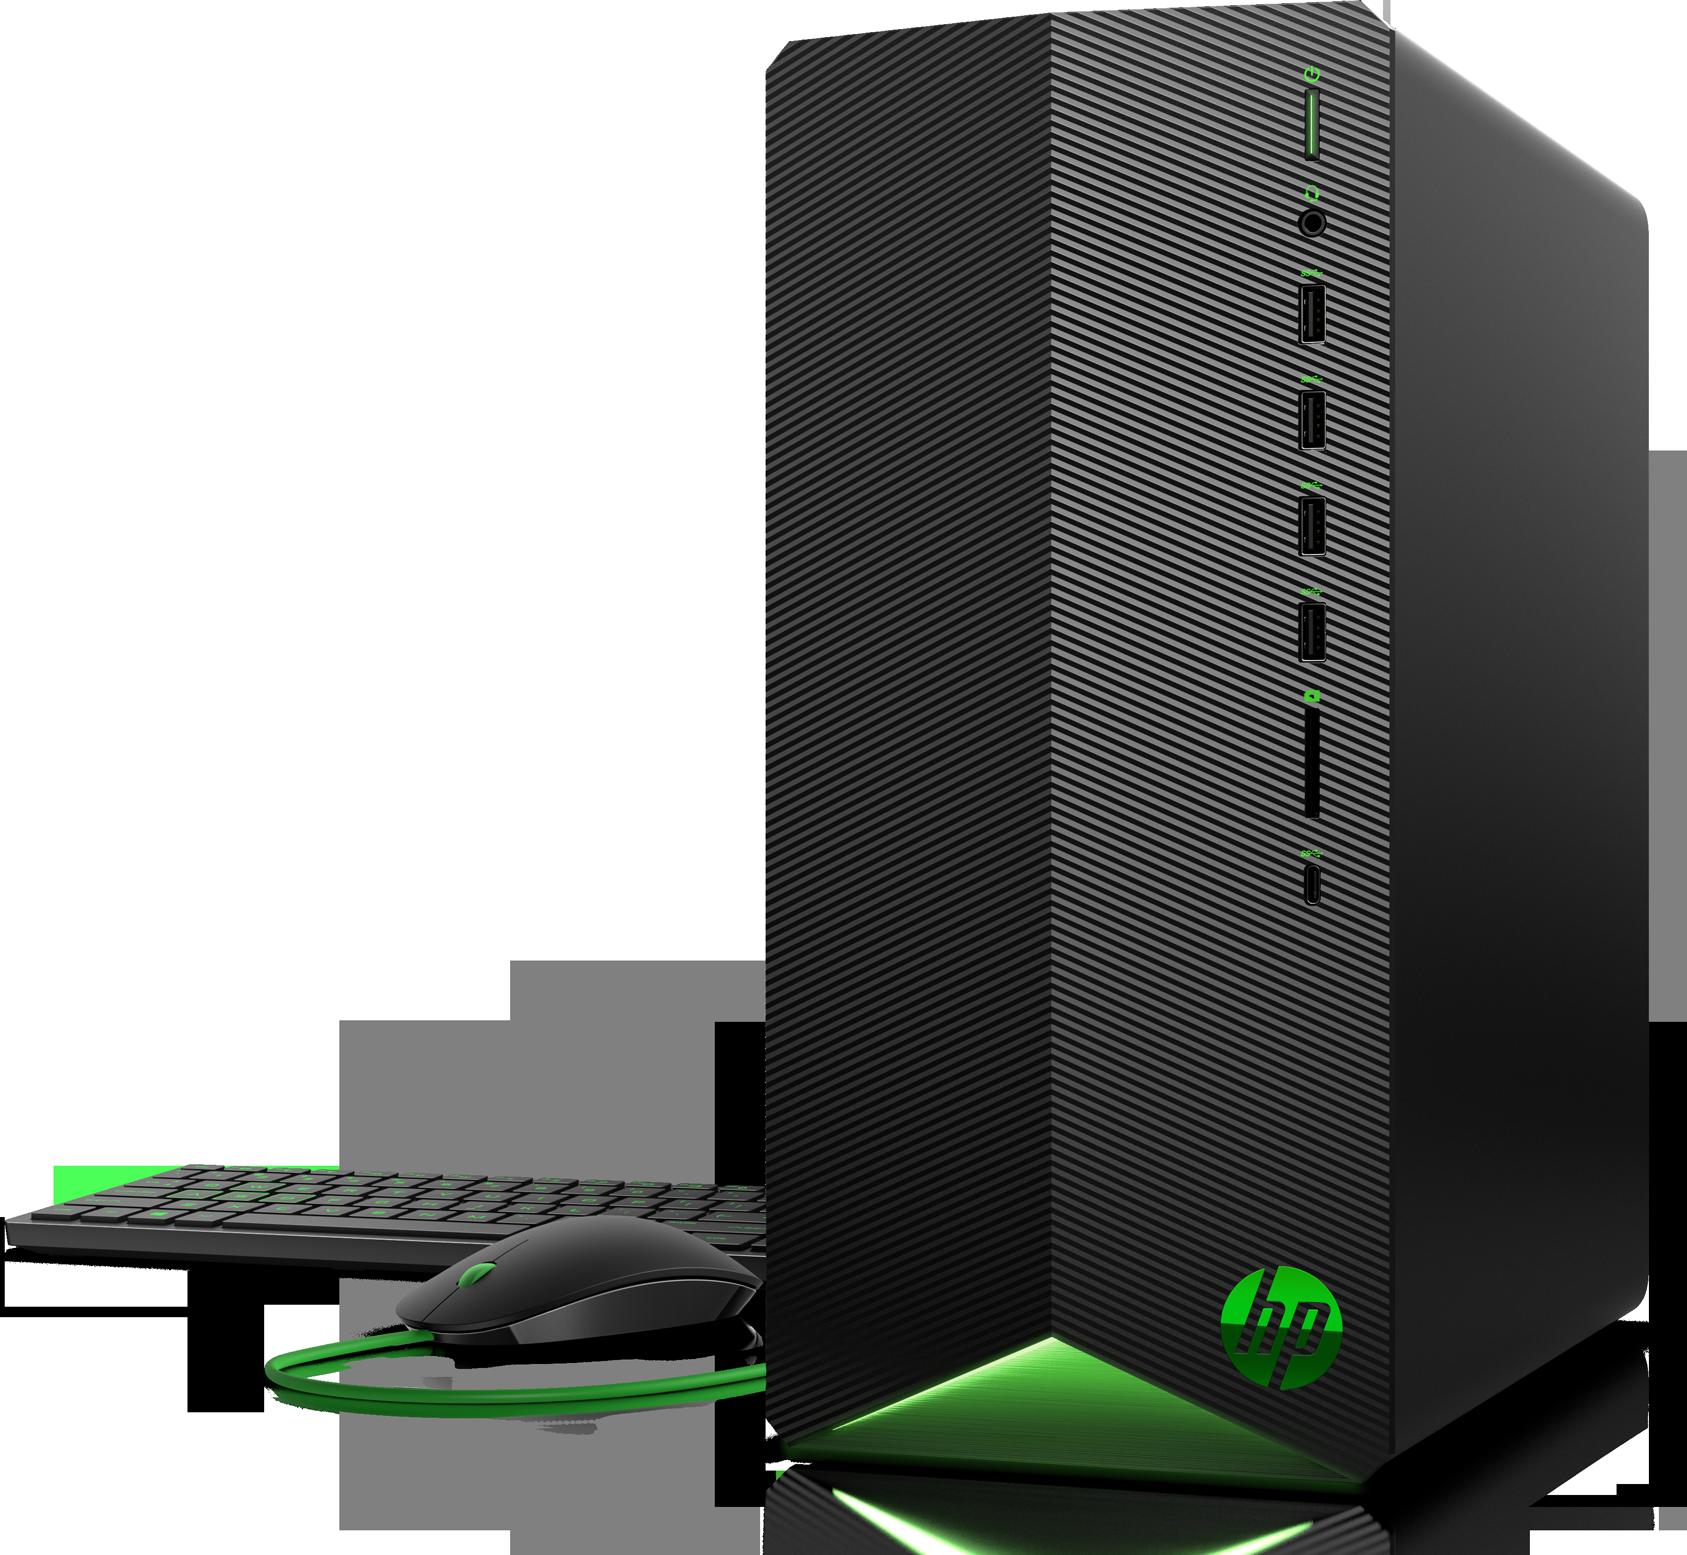 HP Pavilion TG01-0020 Gaming Desktop